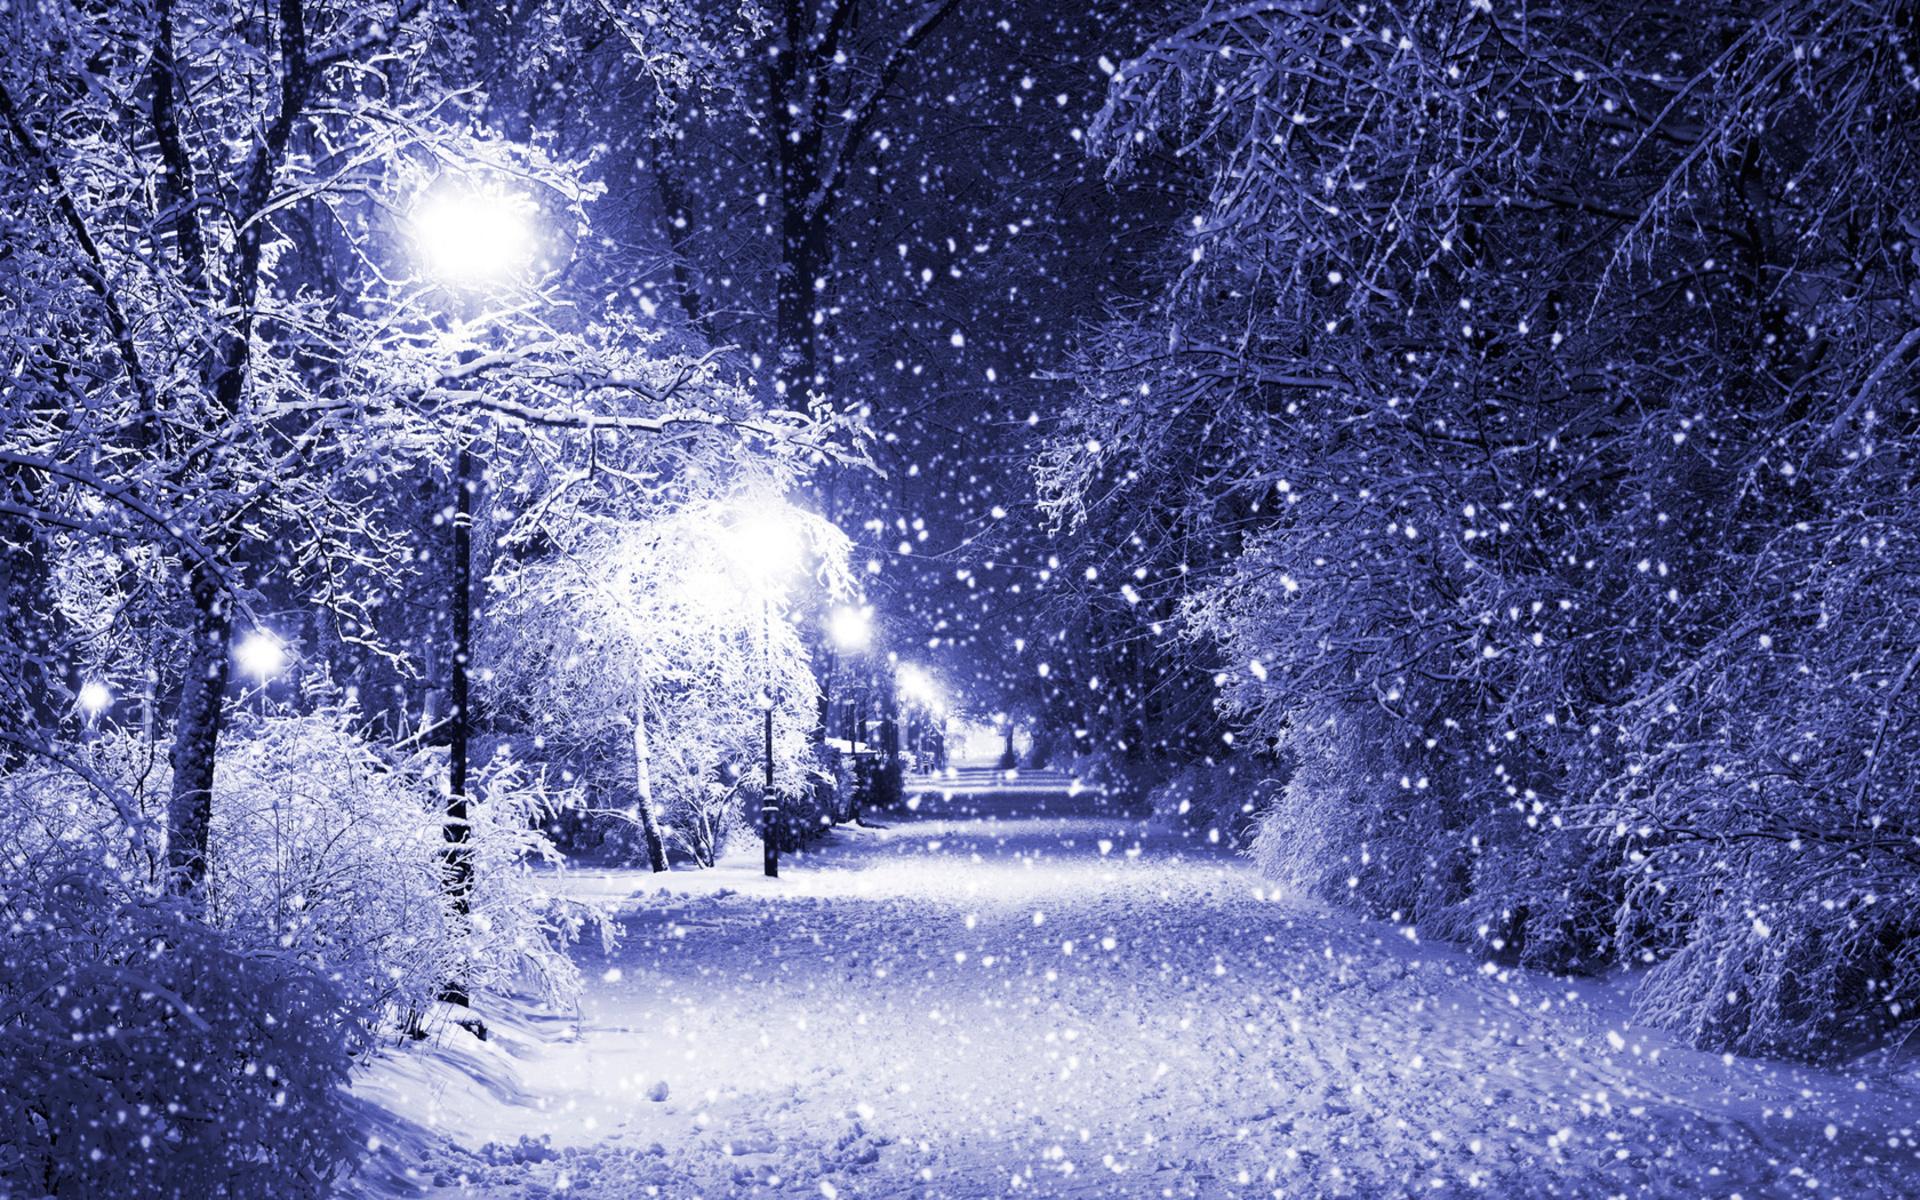 снег, свет, фонари, лавочки, ночь, зима